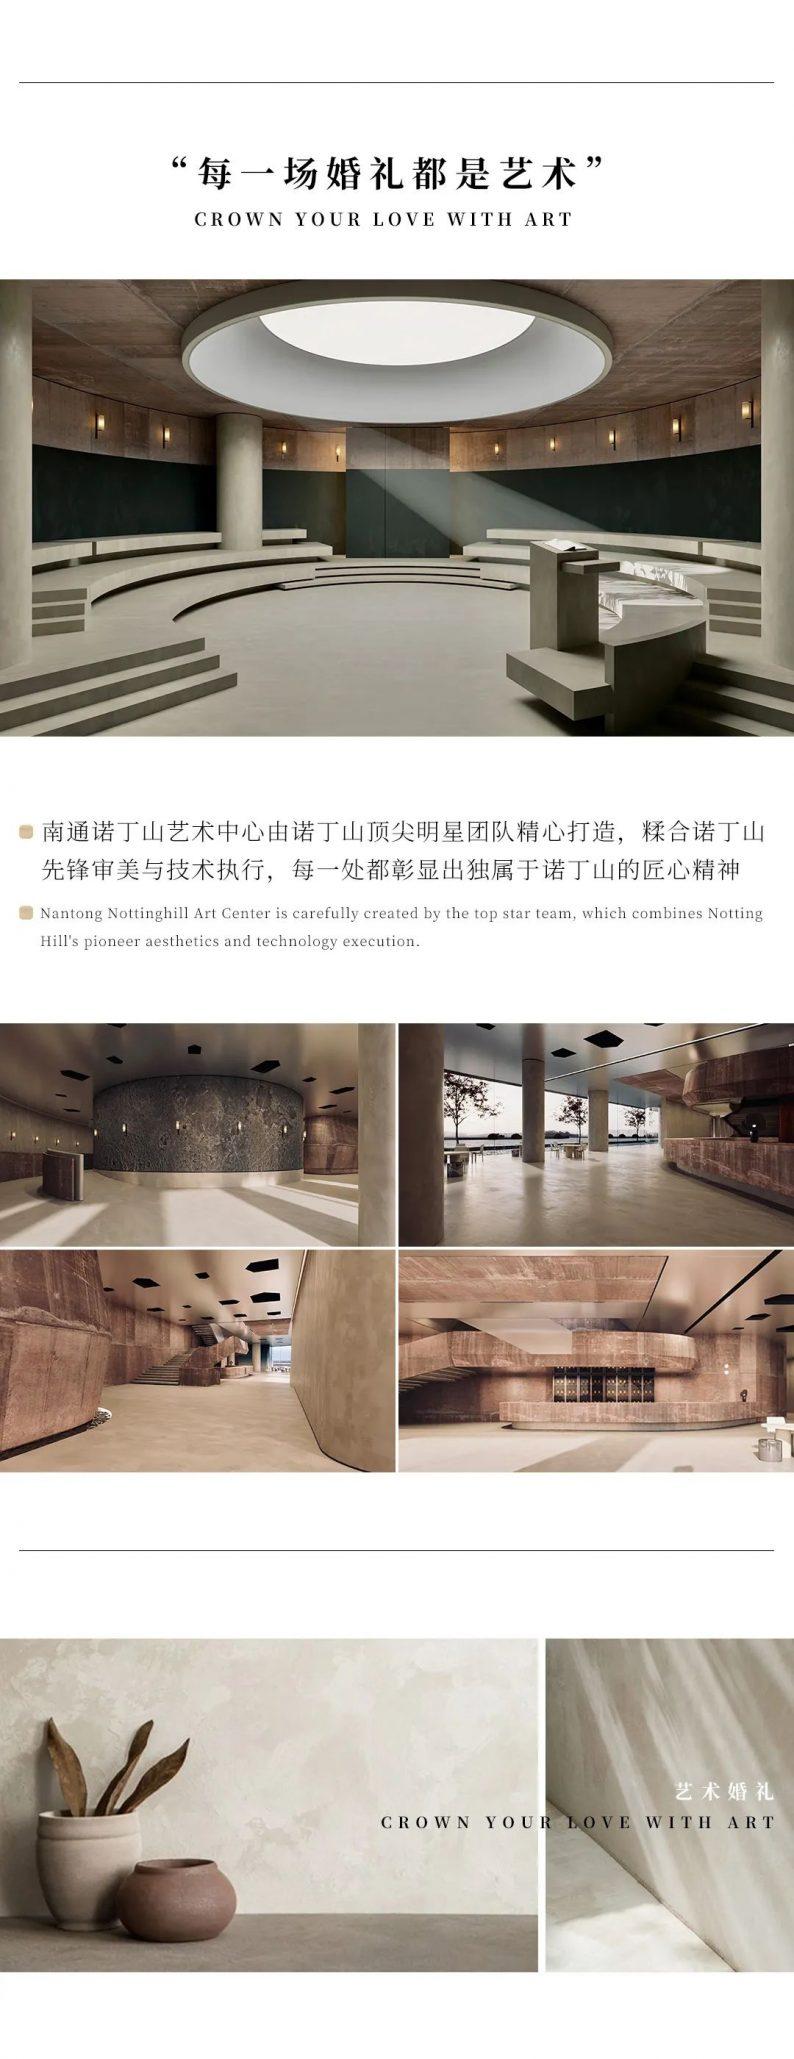 婚礼堂发布:游乐园+艺术婚礼!南通诺丁山艺术中心亮相  第4张